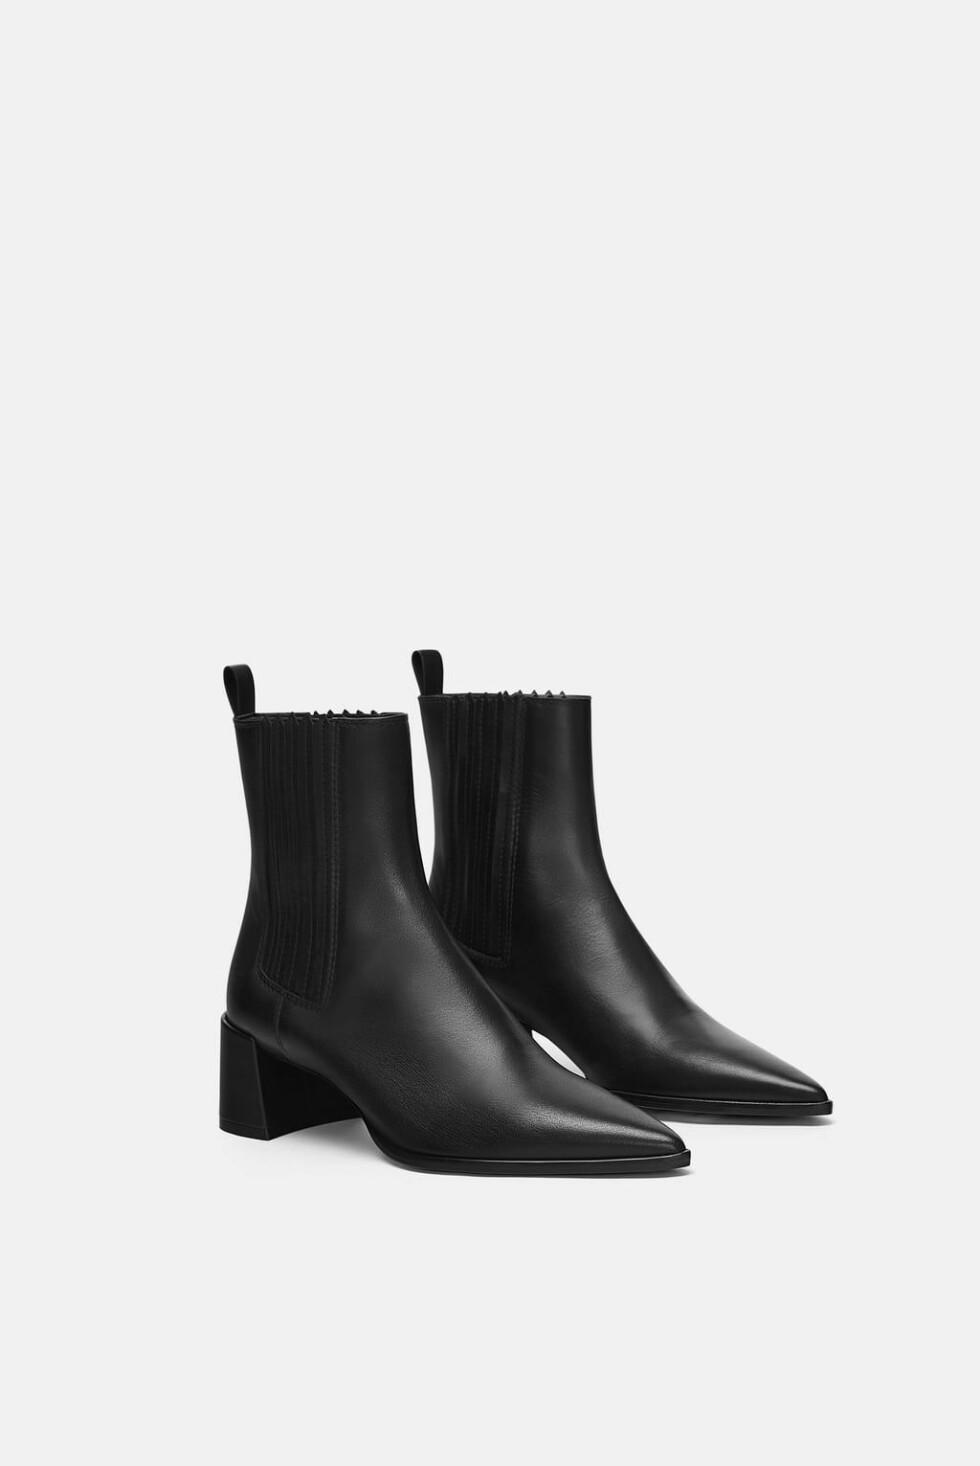 Zara |1000,-| https://www.zara.com/no/no/h%C3%B8yh%C3%A6lt-skinnskolett-p15129301.html?v1=6835650&v2=1074625